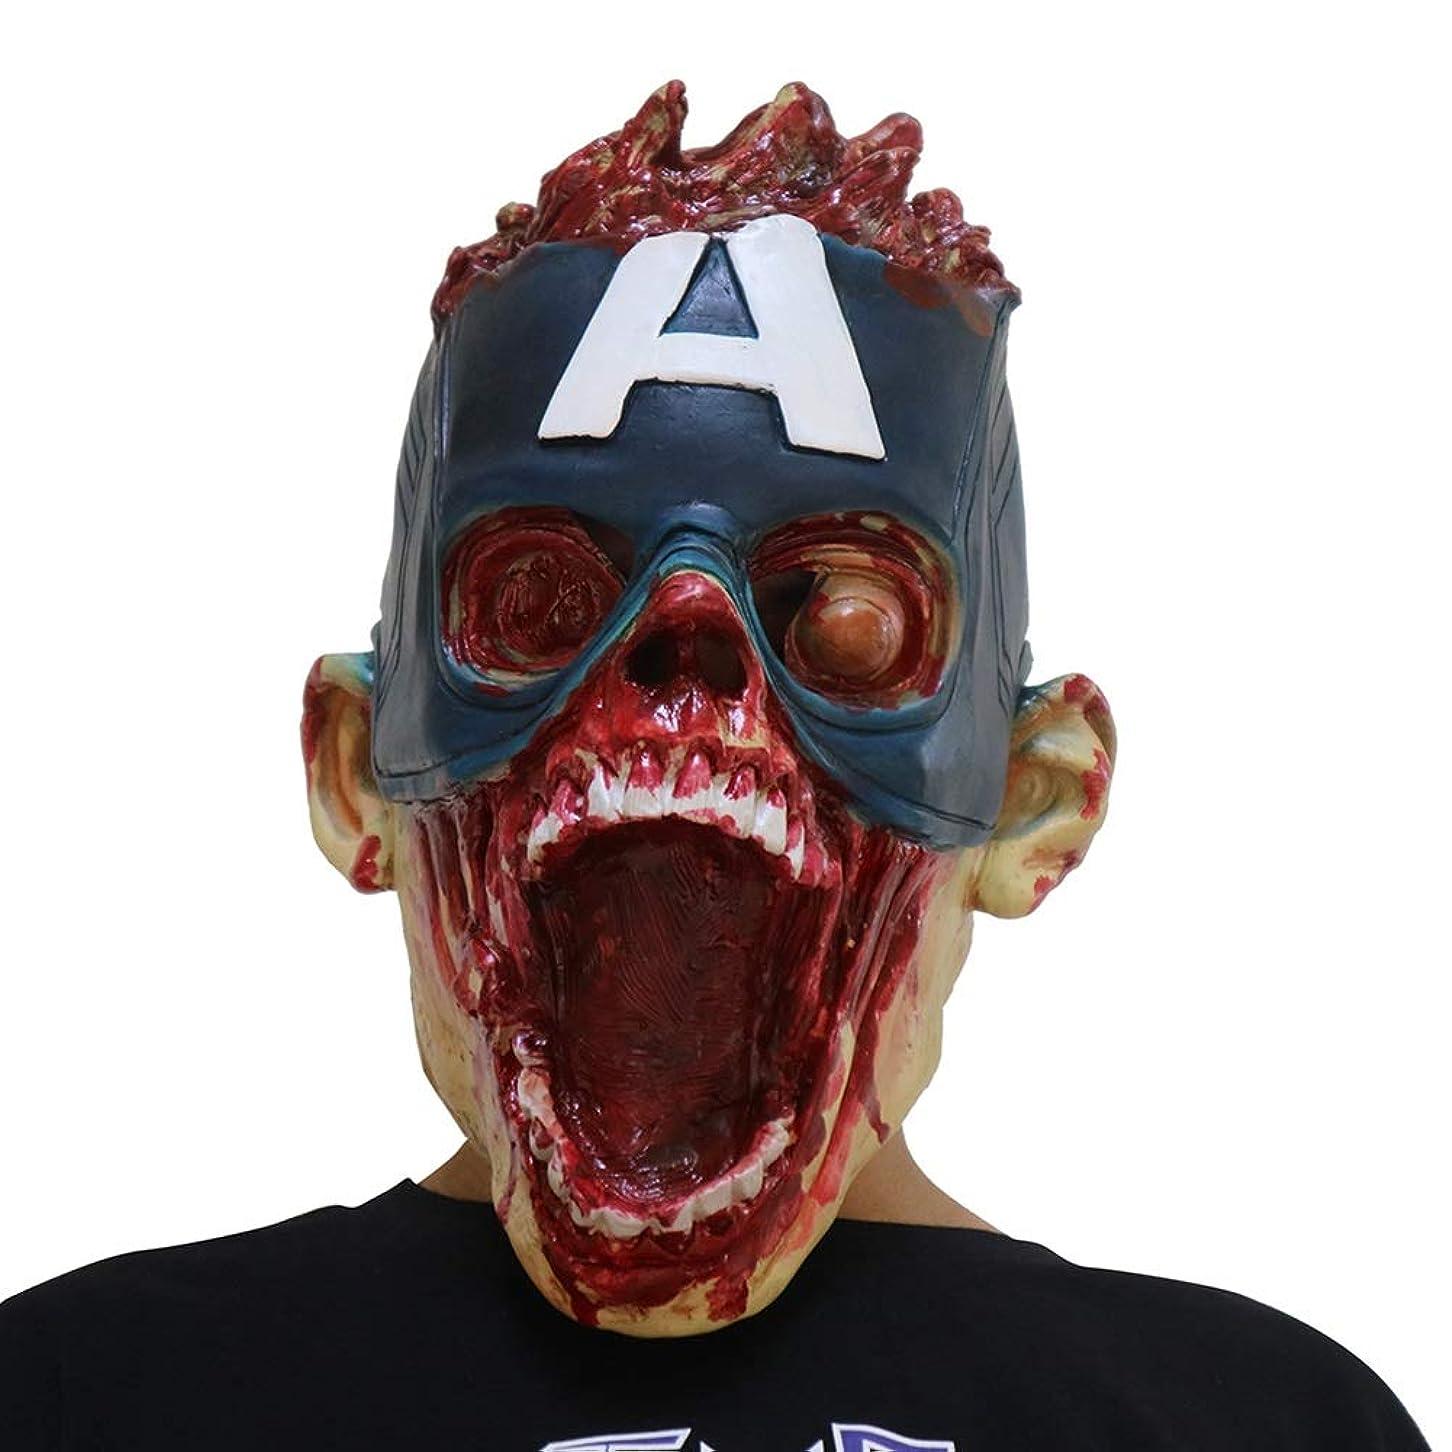 ひどい例麻酔薬ハロウィーンホラーマスク、キャプテンアメリカヘッドマスク、クリエイティブデビルマスク、ラテックスVizardマスク、コスチュームプロップトカゲマスク